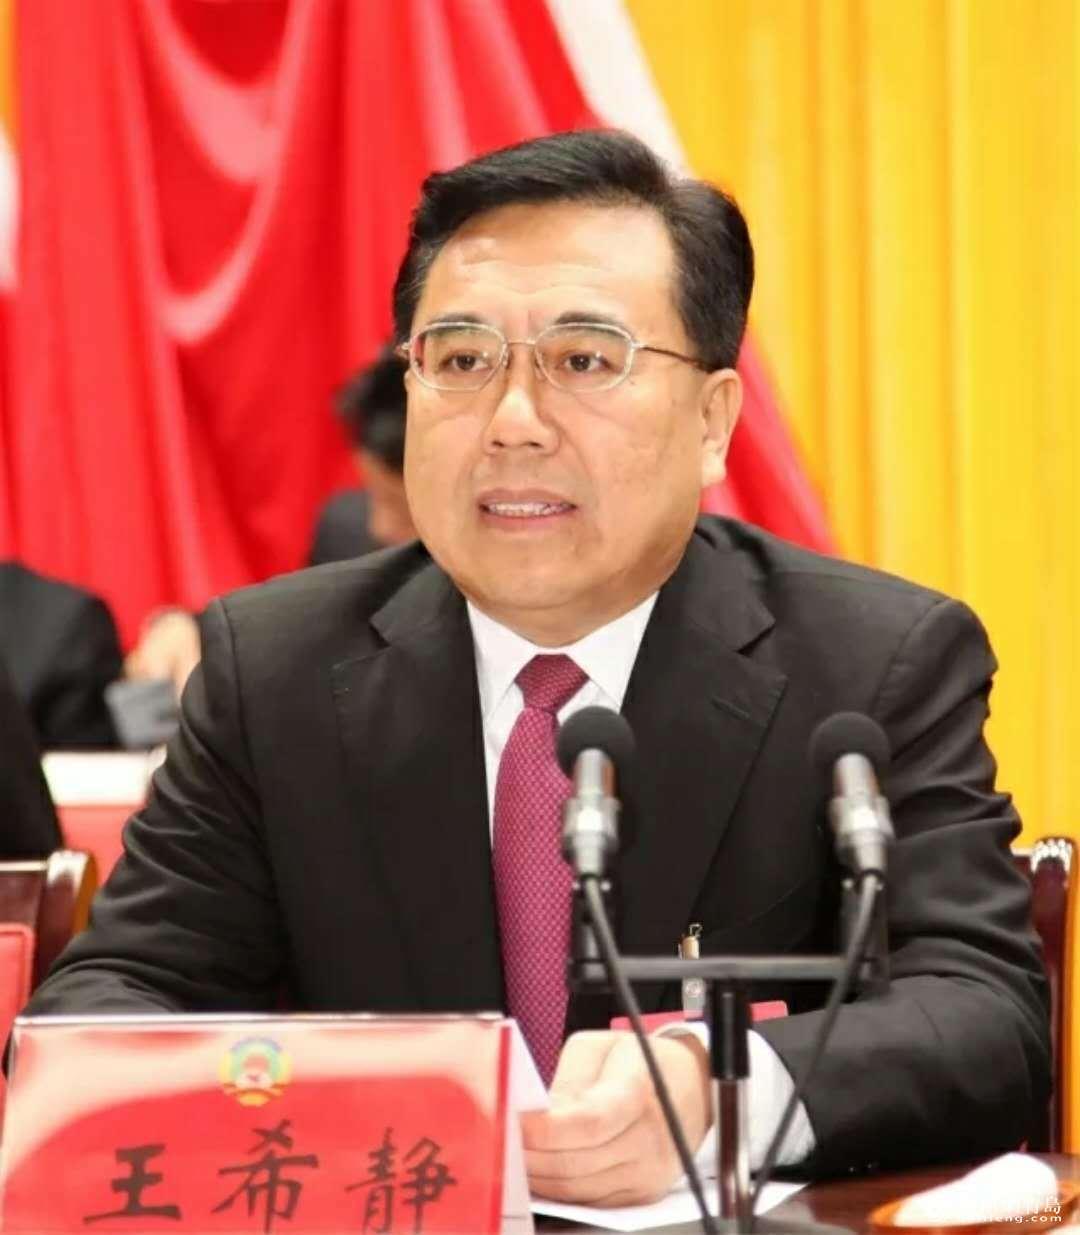 政协青岛市李沧区第六届委员会第二次会议开幕